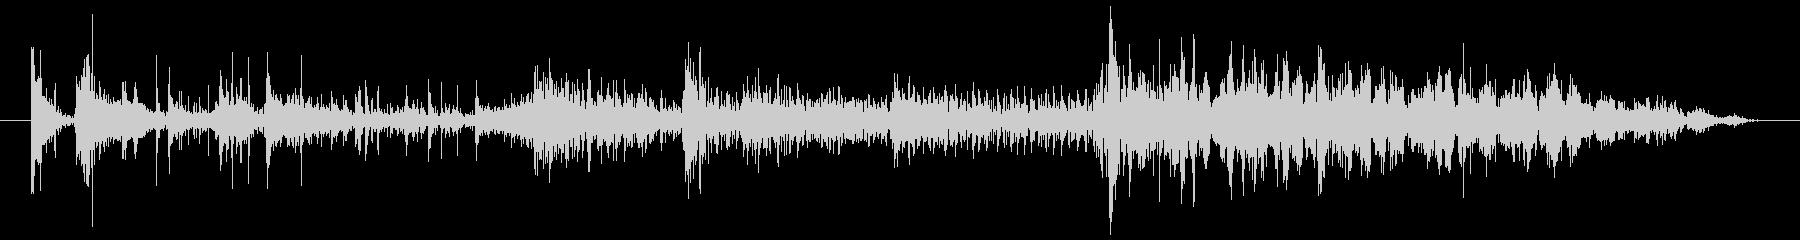 シャープピアススタティック2の未再生の波形